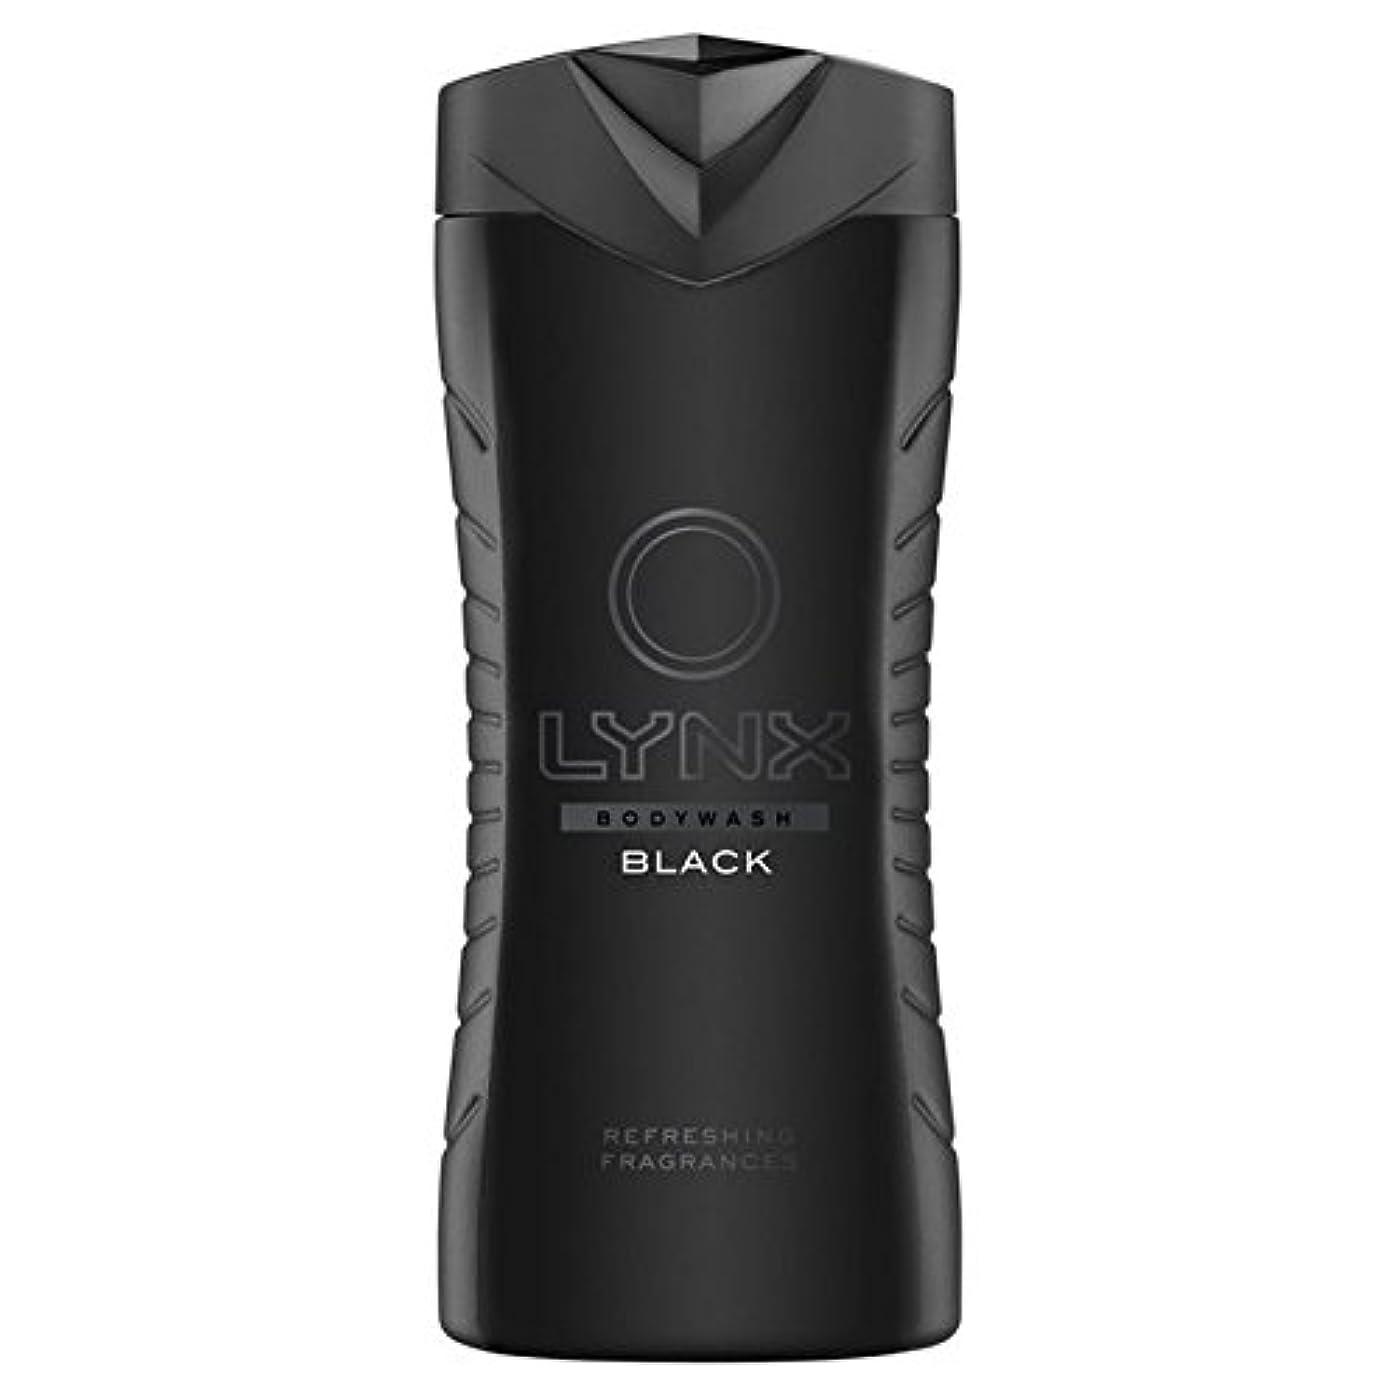 純正繊細除外するLynx Black Shower Gel 400ml - オオヤマネコブラックシャワージェル400ミリリットル [並行輸入品]